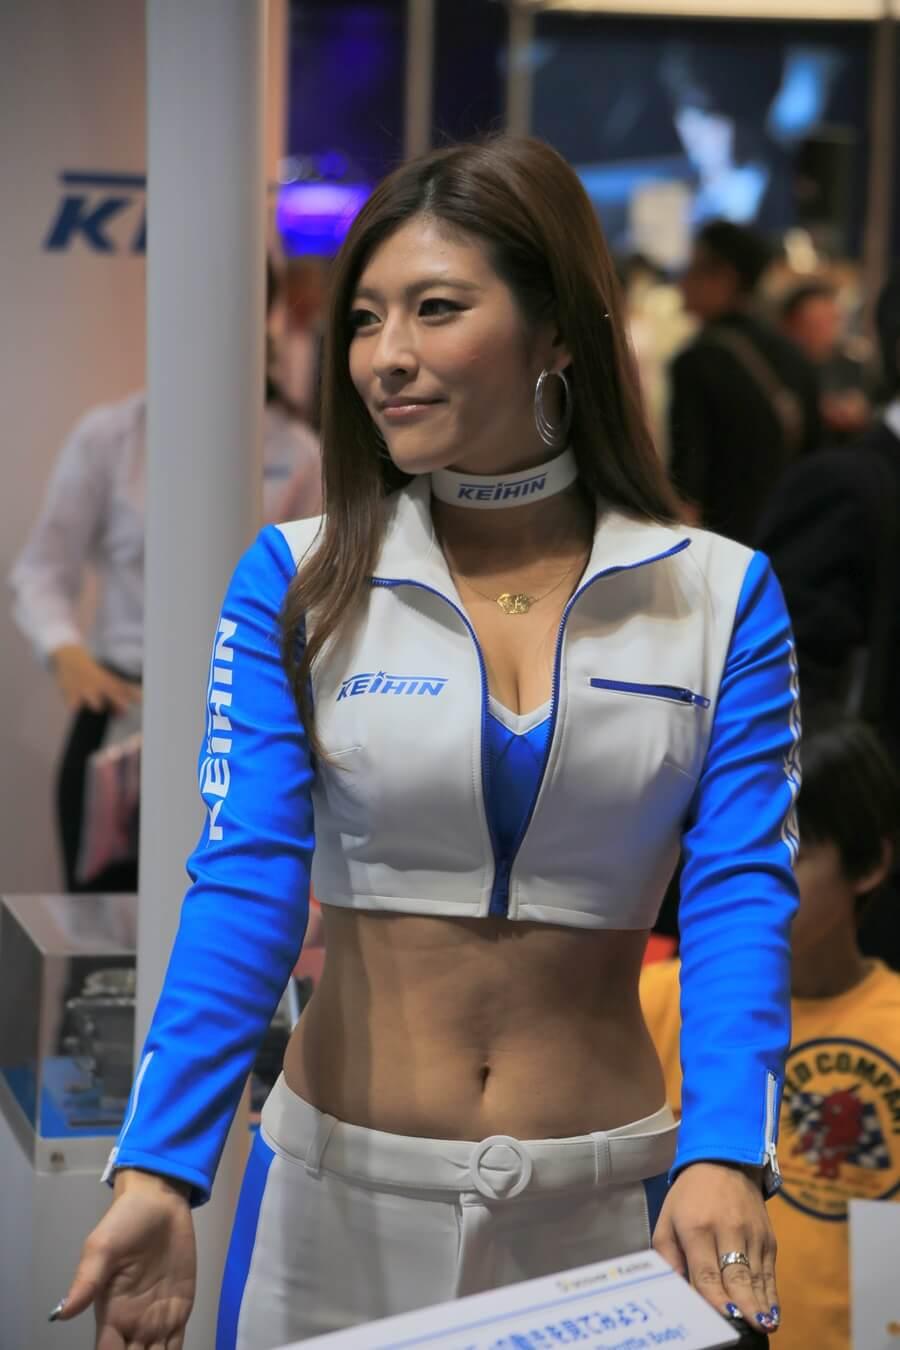 東京モーターショー2015 コンパニオン ケイヒン Tokyo_motor_show_2015_KEIHIN